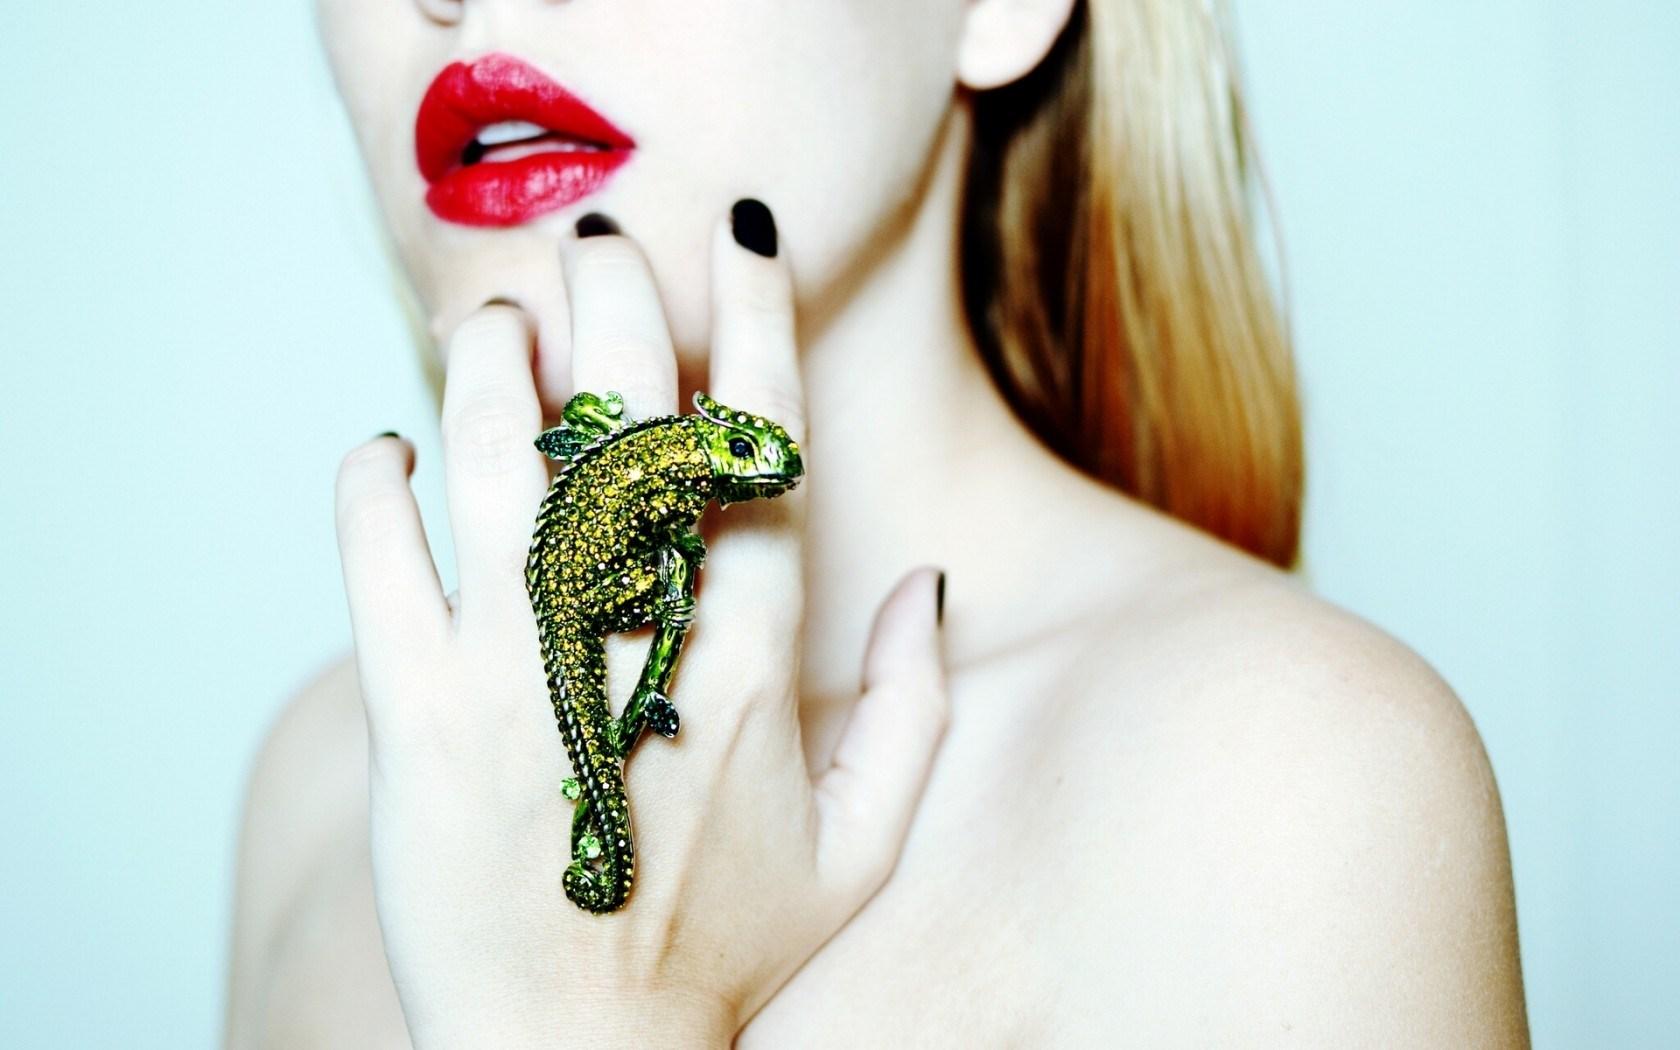 Chameleon Ring Girl Red Lips